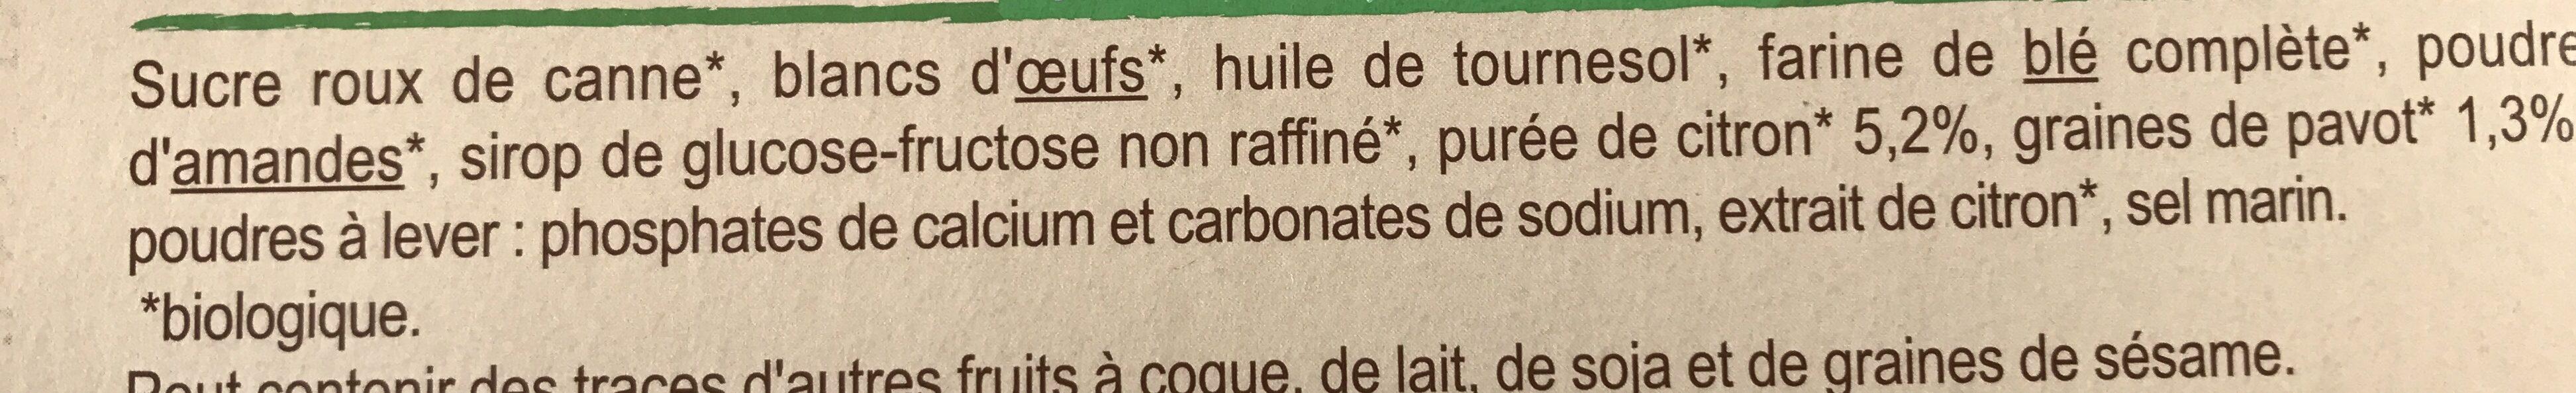 Mini moelleux citron graines de pavot - Ingrédients - fr